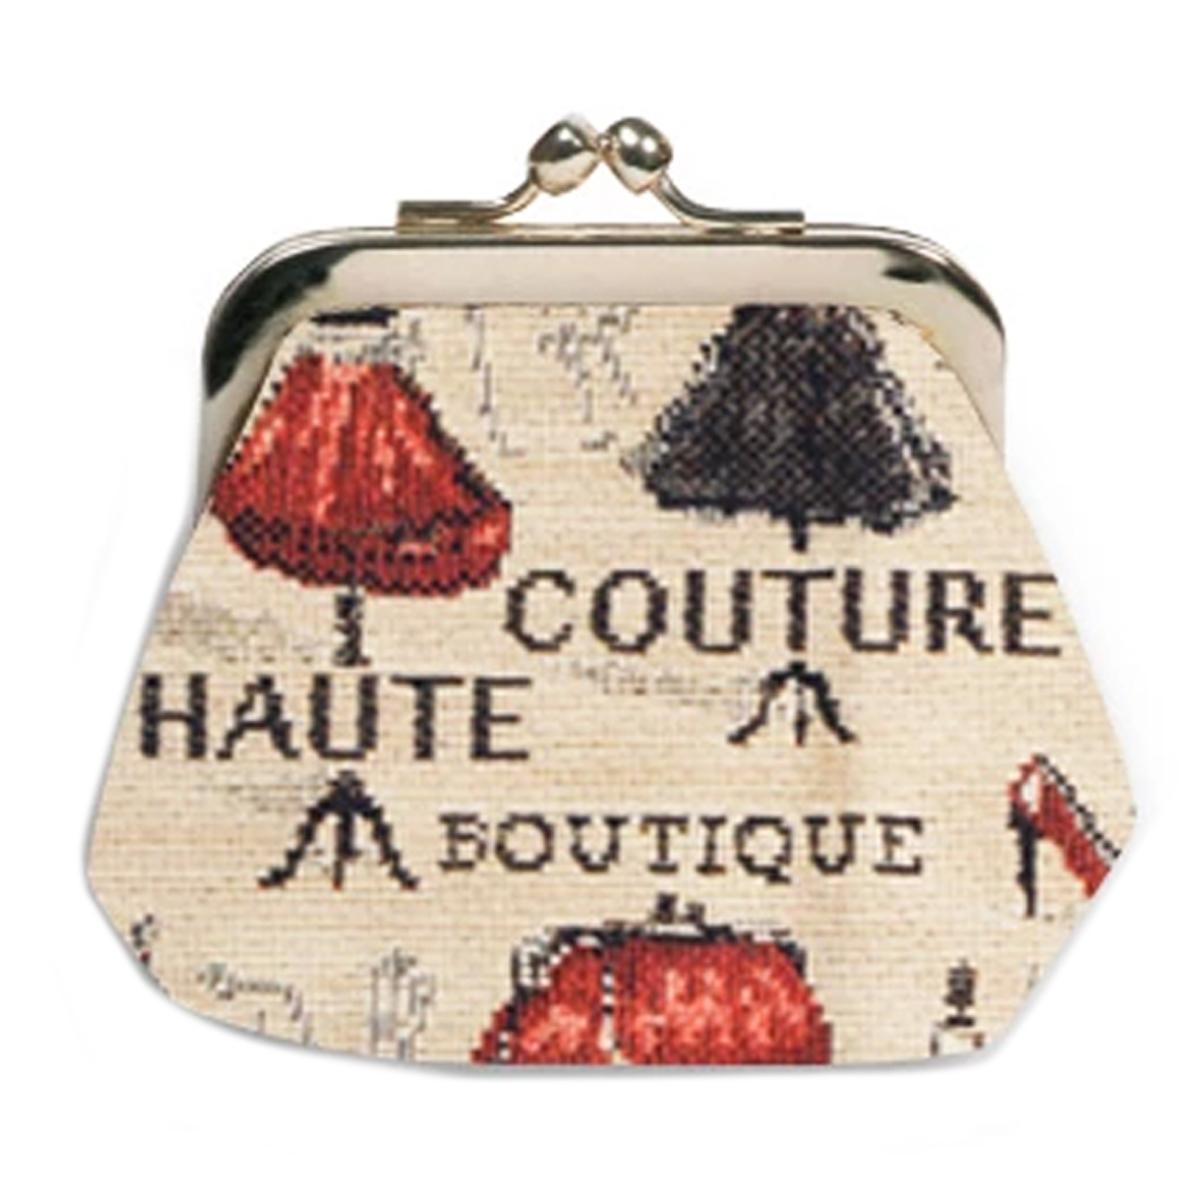 Porte-monnaie artisanal \'Royal Tapisserie\' beige rouge (Maison de Couture)  - 11x10x1 cm - [Q6377]